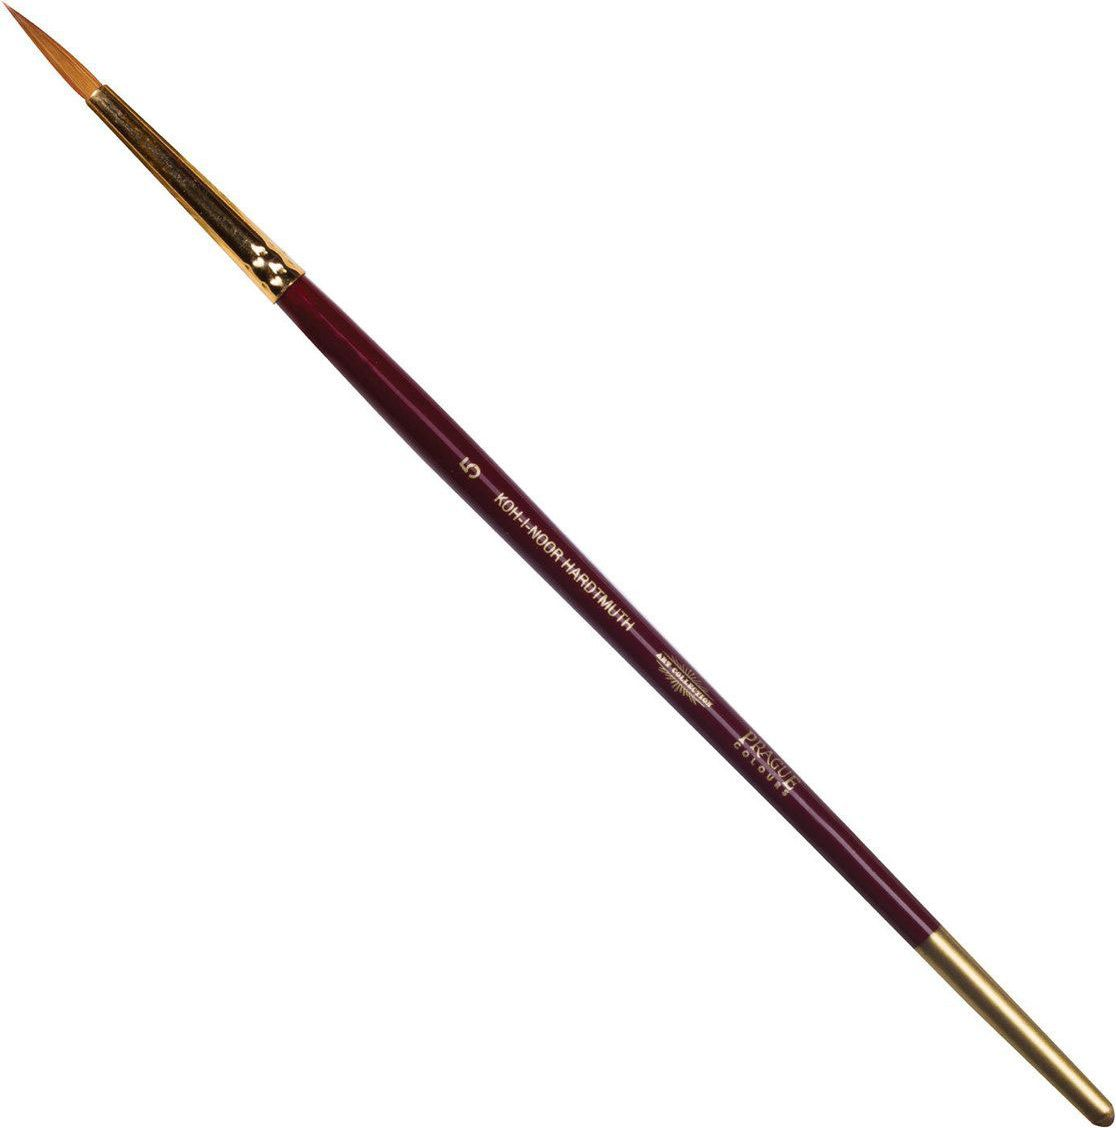 Koh-I-Noor Кисть колонок круглая №5 короткая ручка200389Высококачественная кисть из натурального волоса колонка. Волос прекрасно сохраняет форму, не ломается, впитывает влагу и хорошо моется под проточной струей воды. Подходит для акварели и индийских красок.